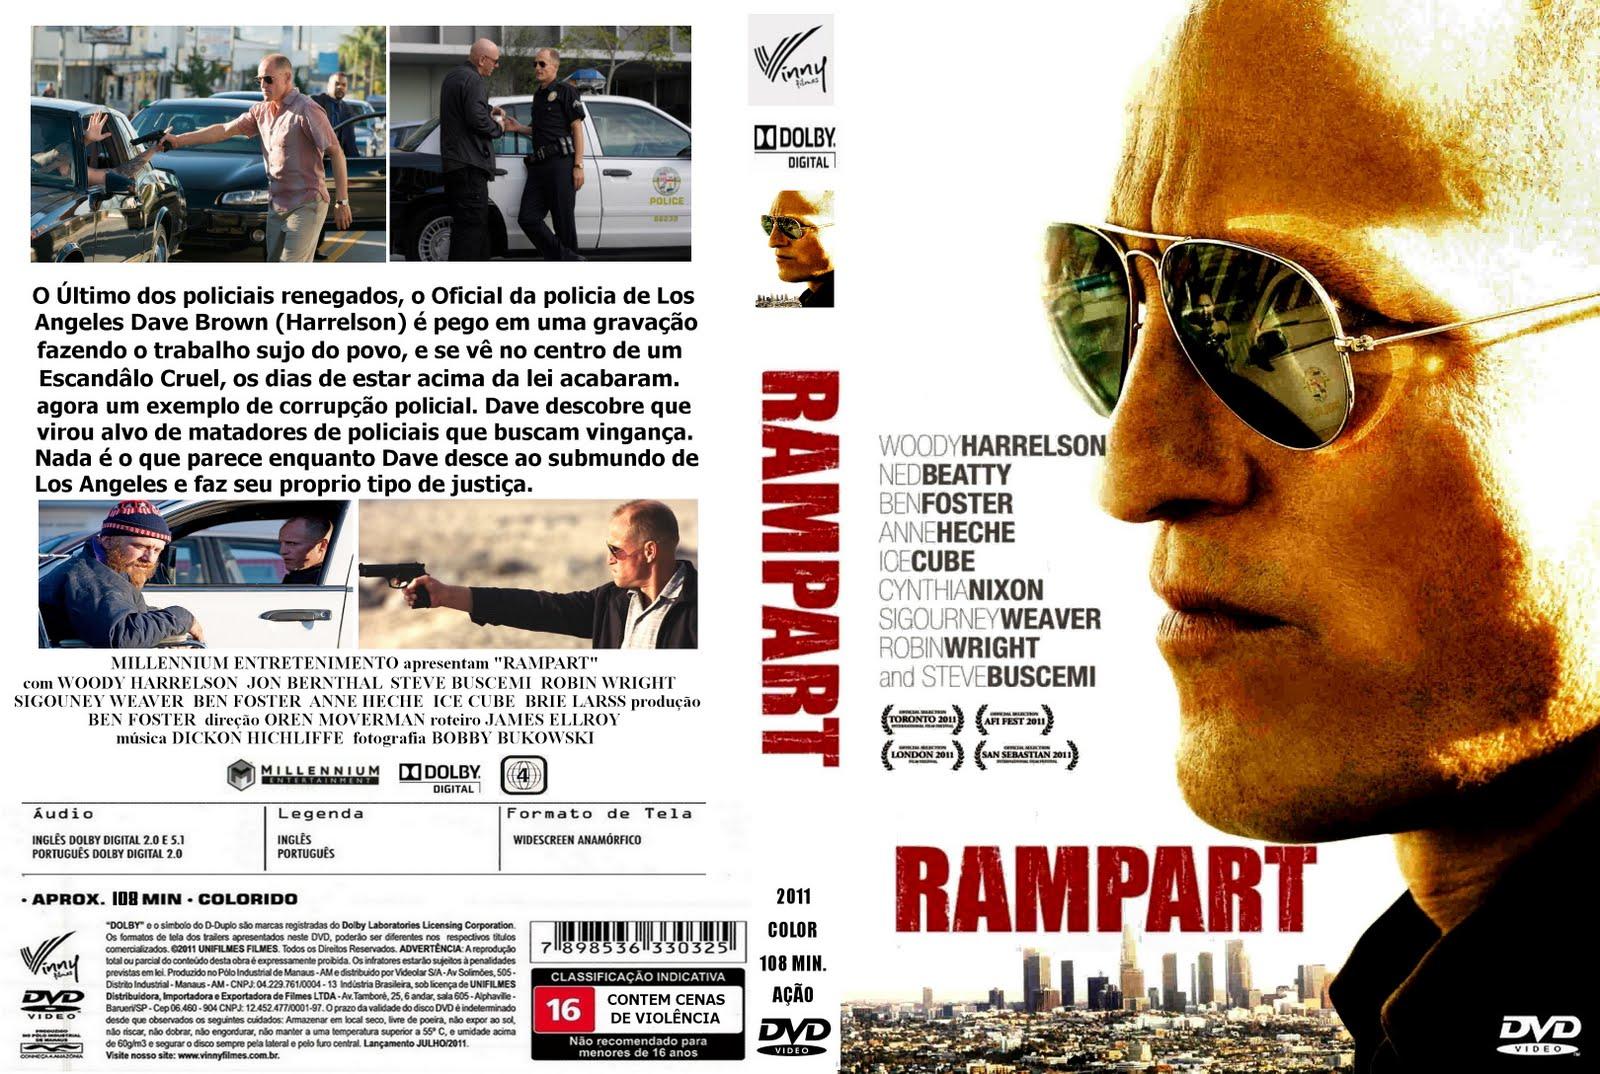 http://2.bp.blogspot.com/-4g3VVMFI6p4/T0IgXdLgZgI/AAAAAAAAAY0/TlS0e5y7D18/s1600/Rampart.jpg